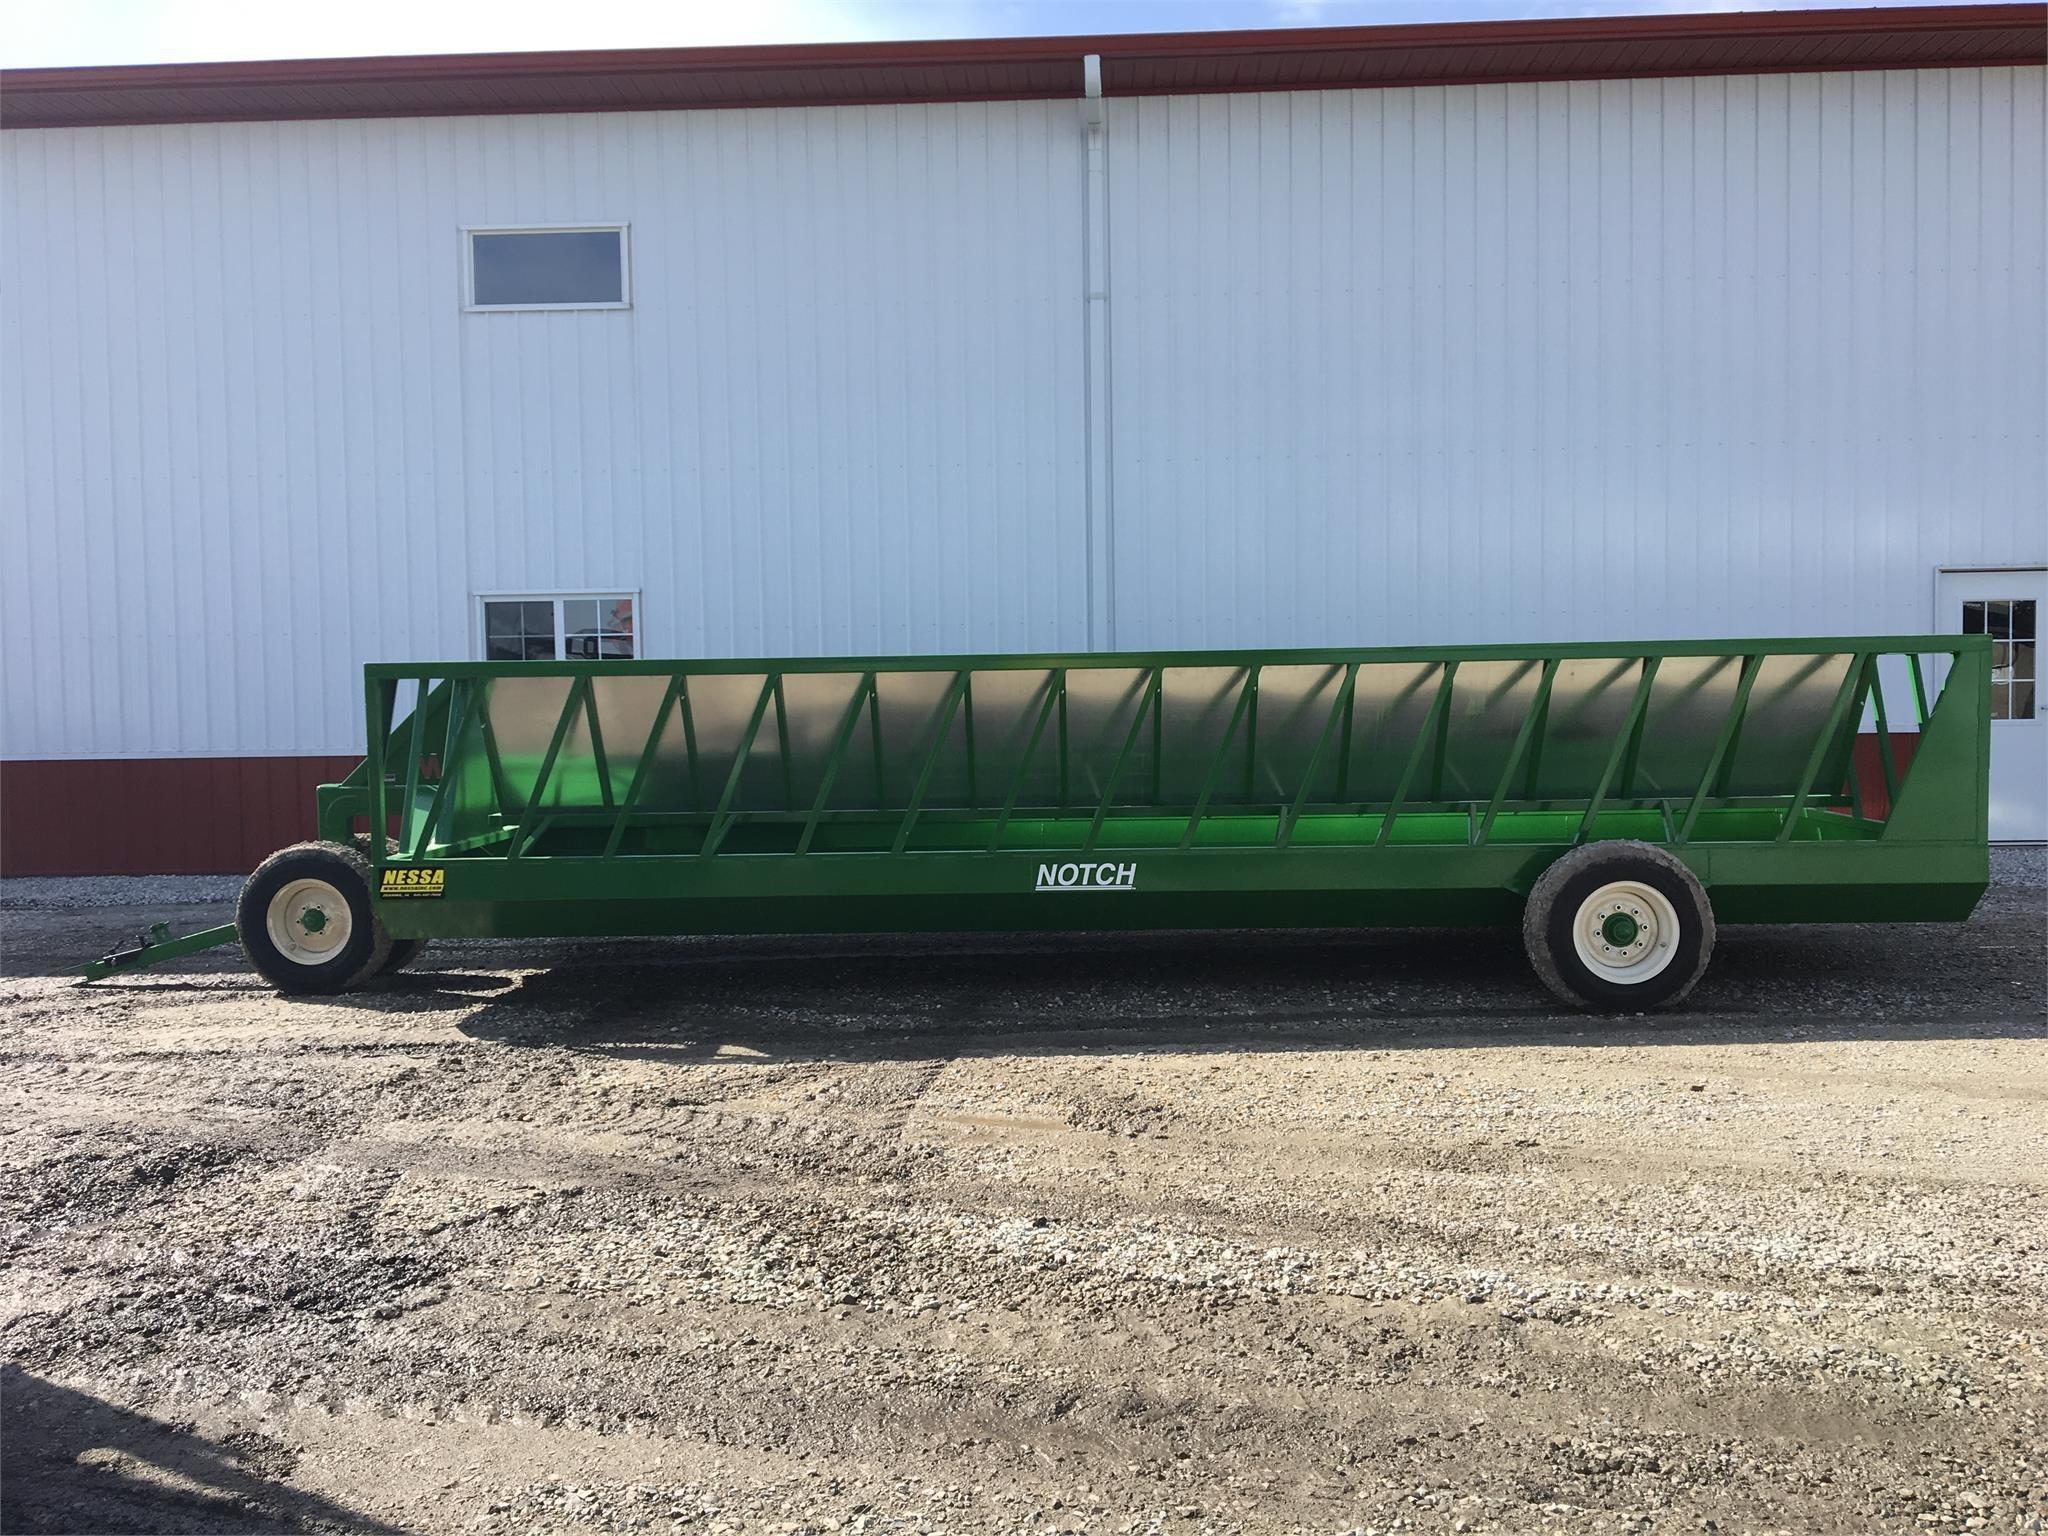 2019 Notch FW90-24 Feed Wagon